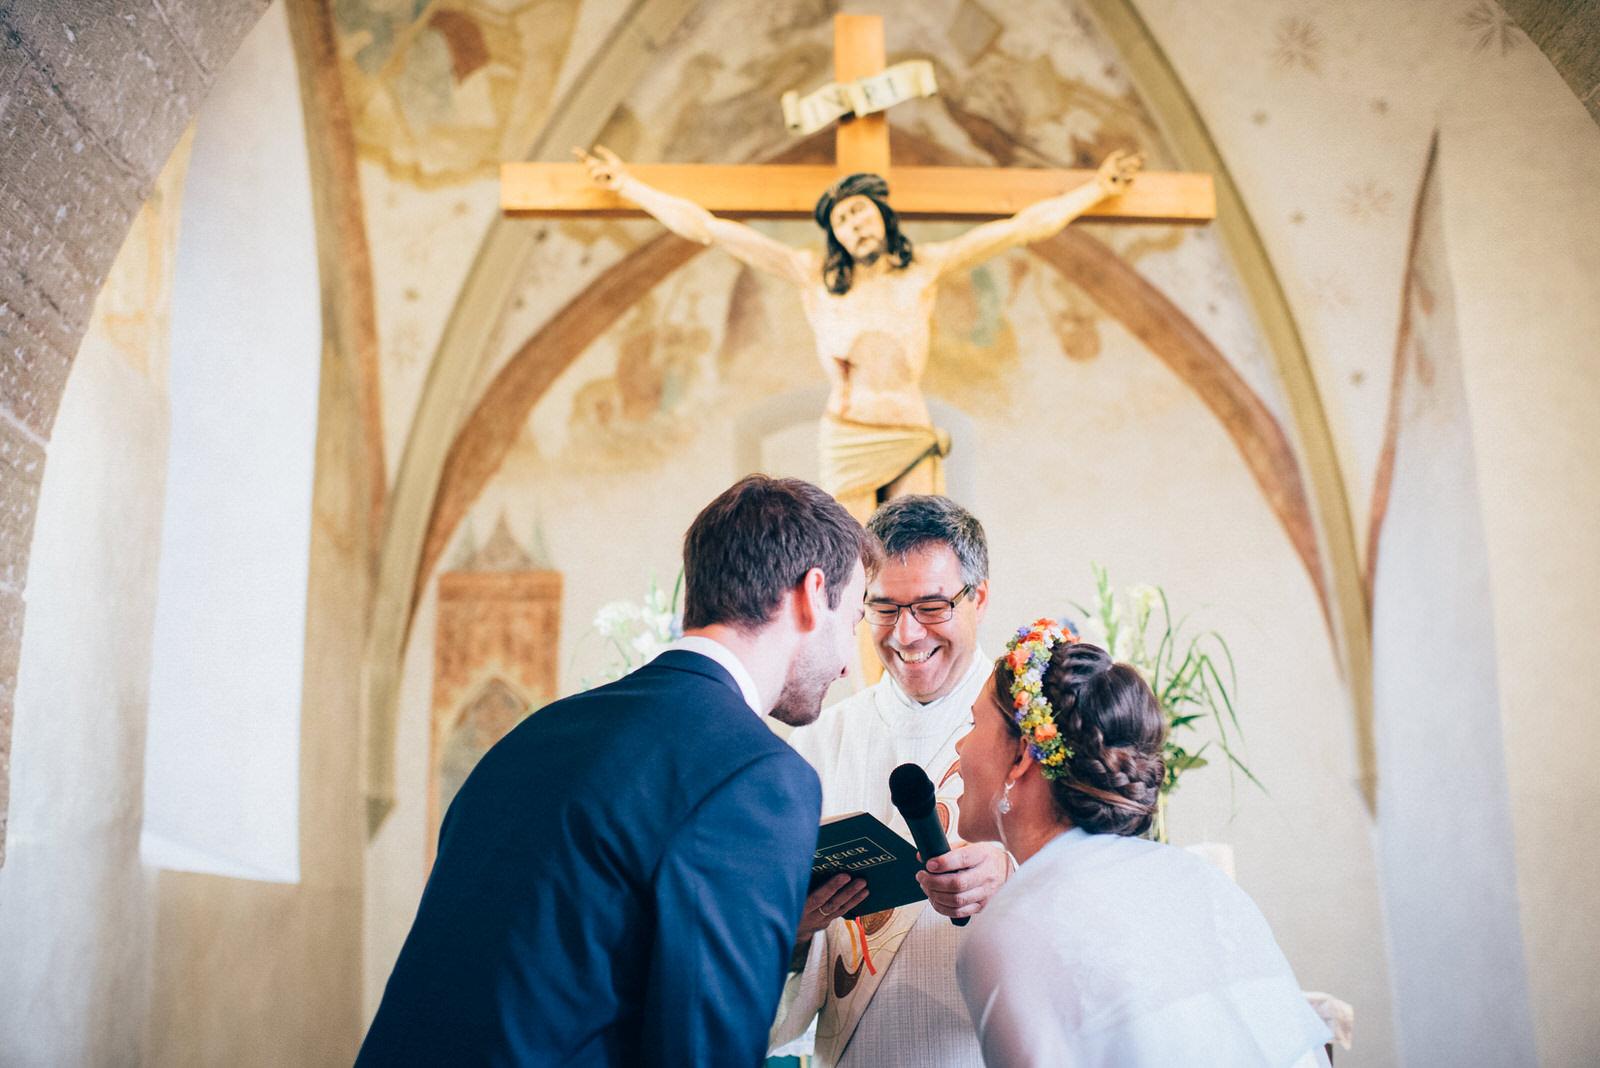 Ja-Wort bei der kirchlichen Trauung während der Priester lacht Hochzeitsfotografie Basel-Land